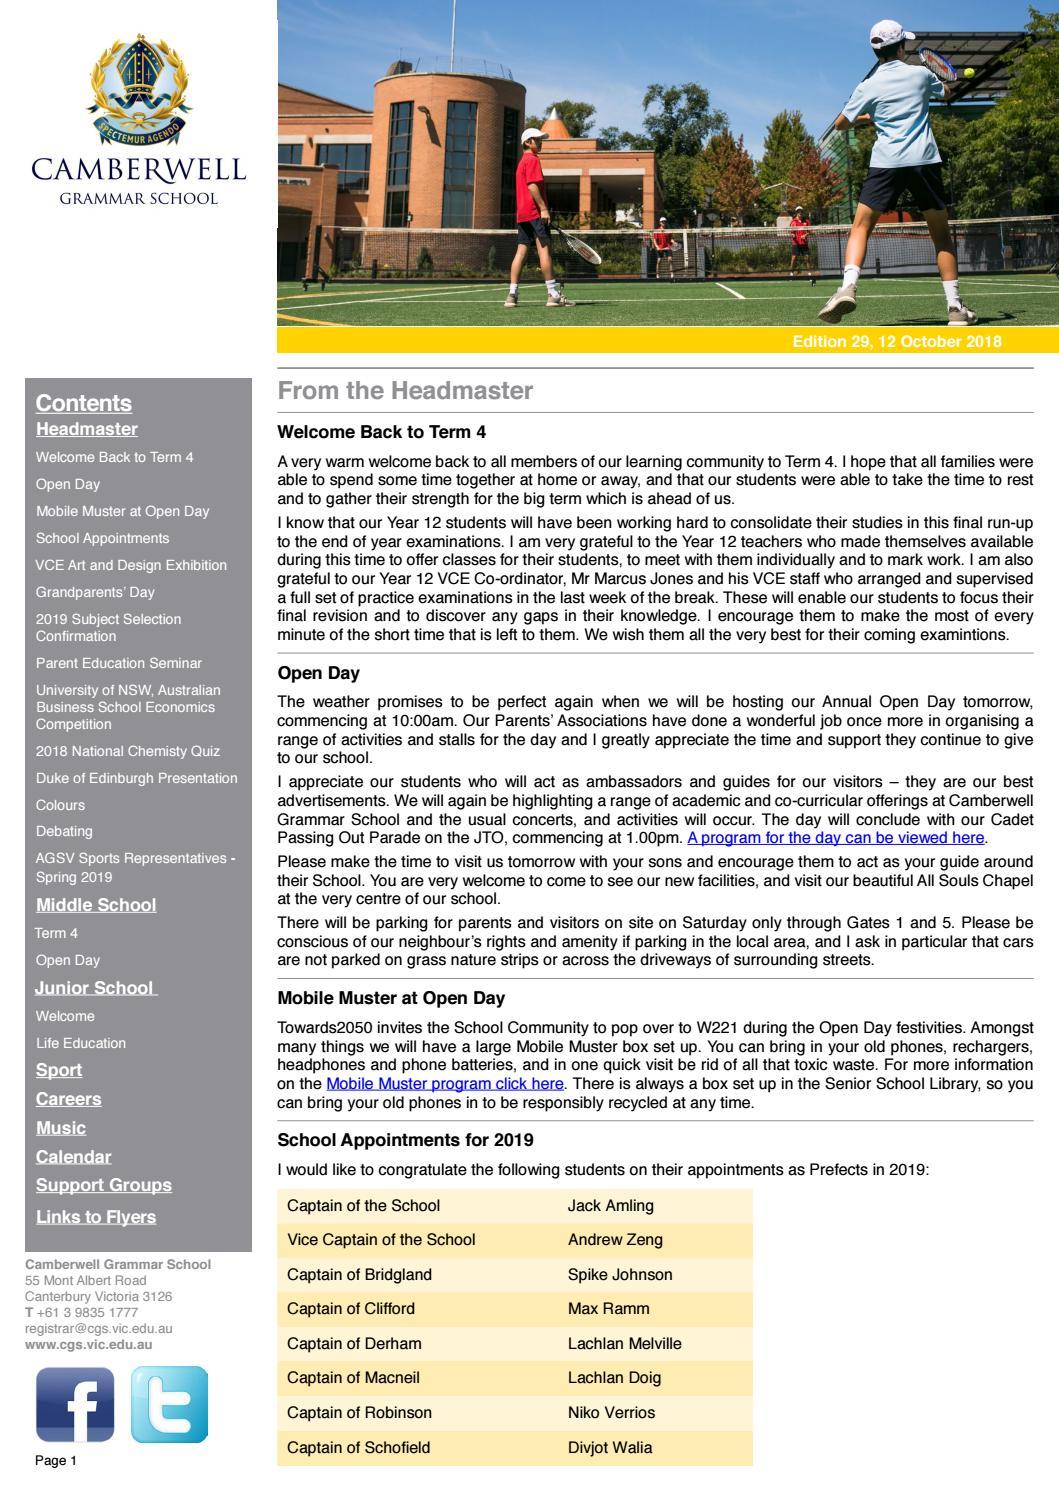 Weekly Bulletin 29 by Camberwell Grammar School - issuu